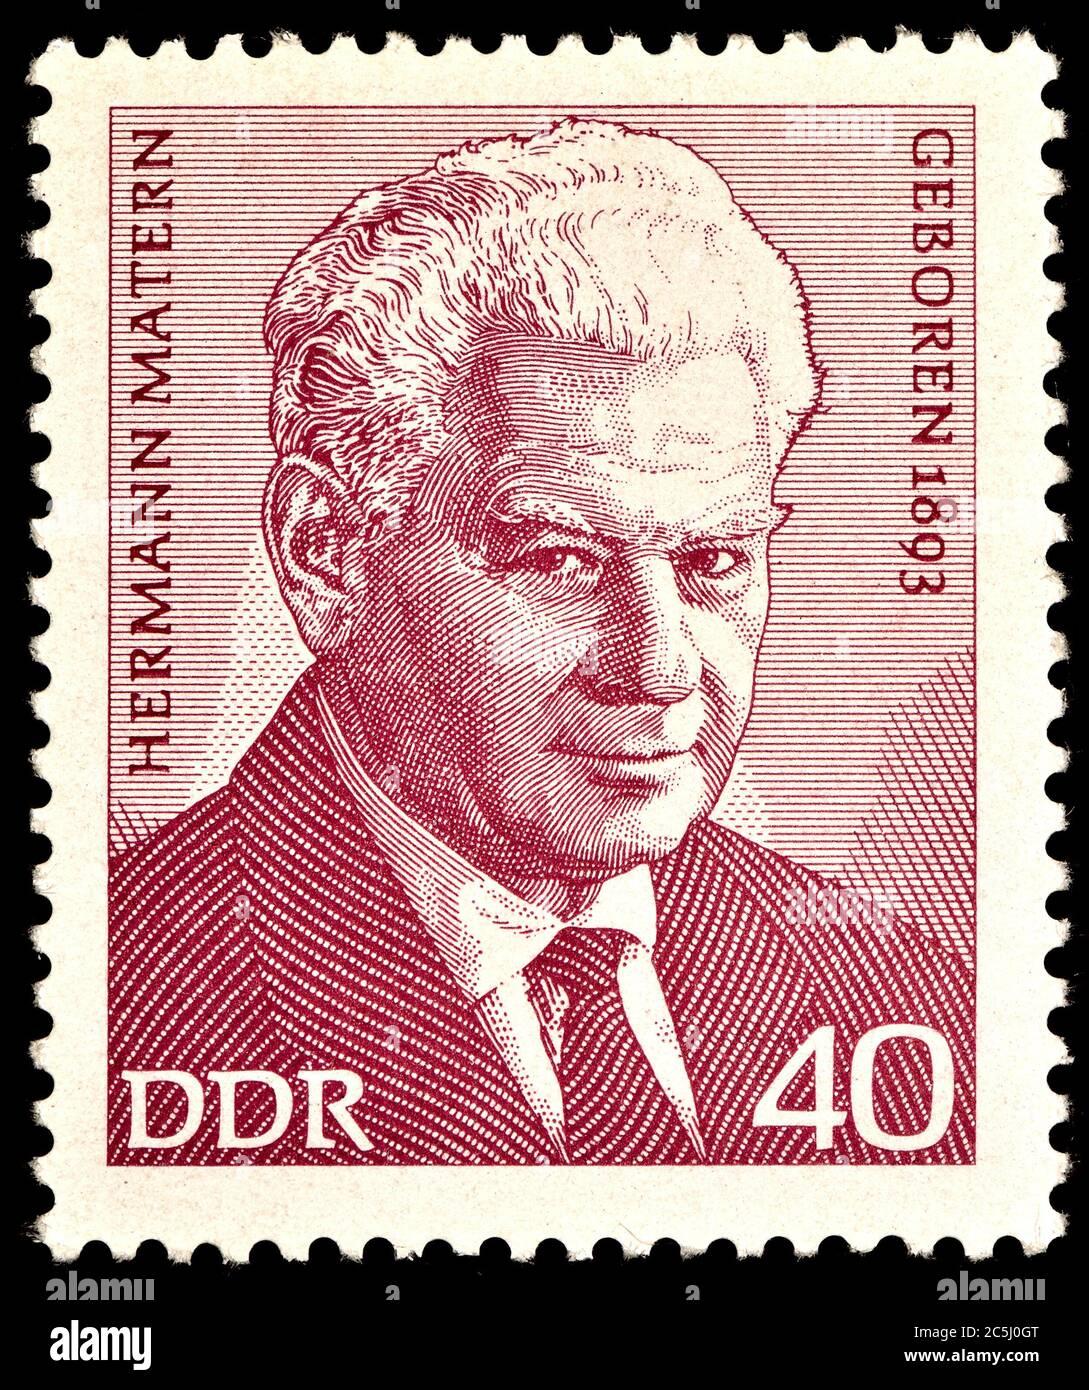 Timbre-poste est-allemand (1973) : Hermann Maten (1893 - 1971) politicien est-allemand Banque D'Images